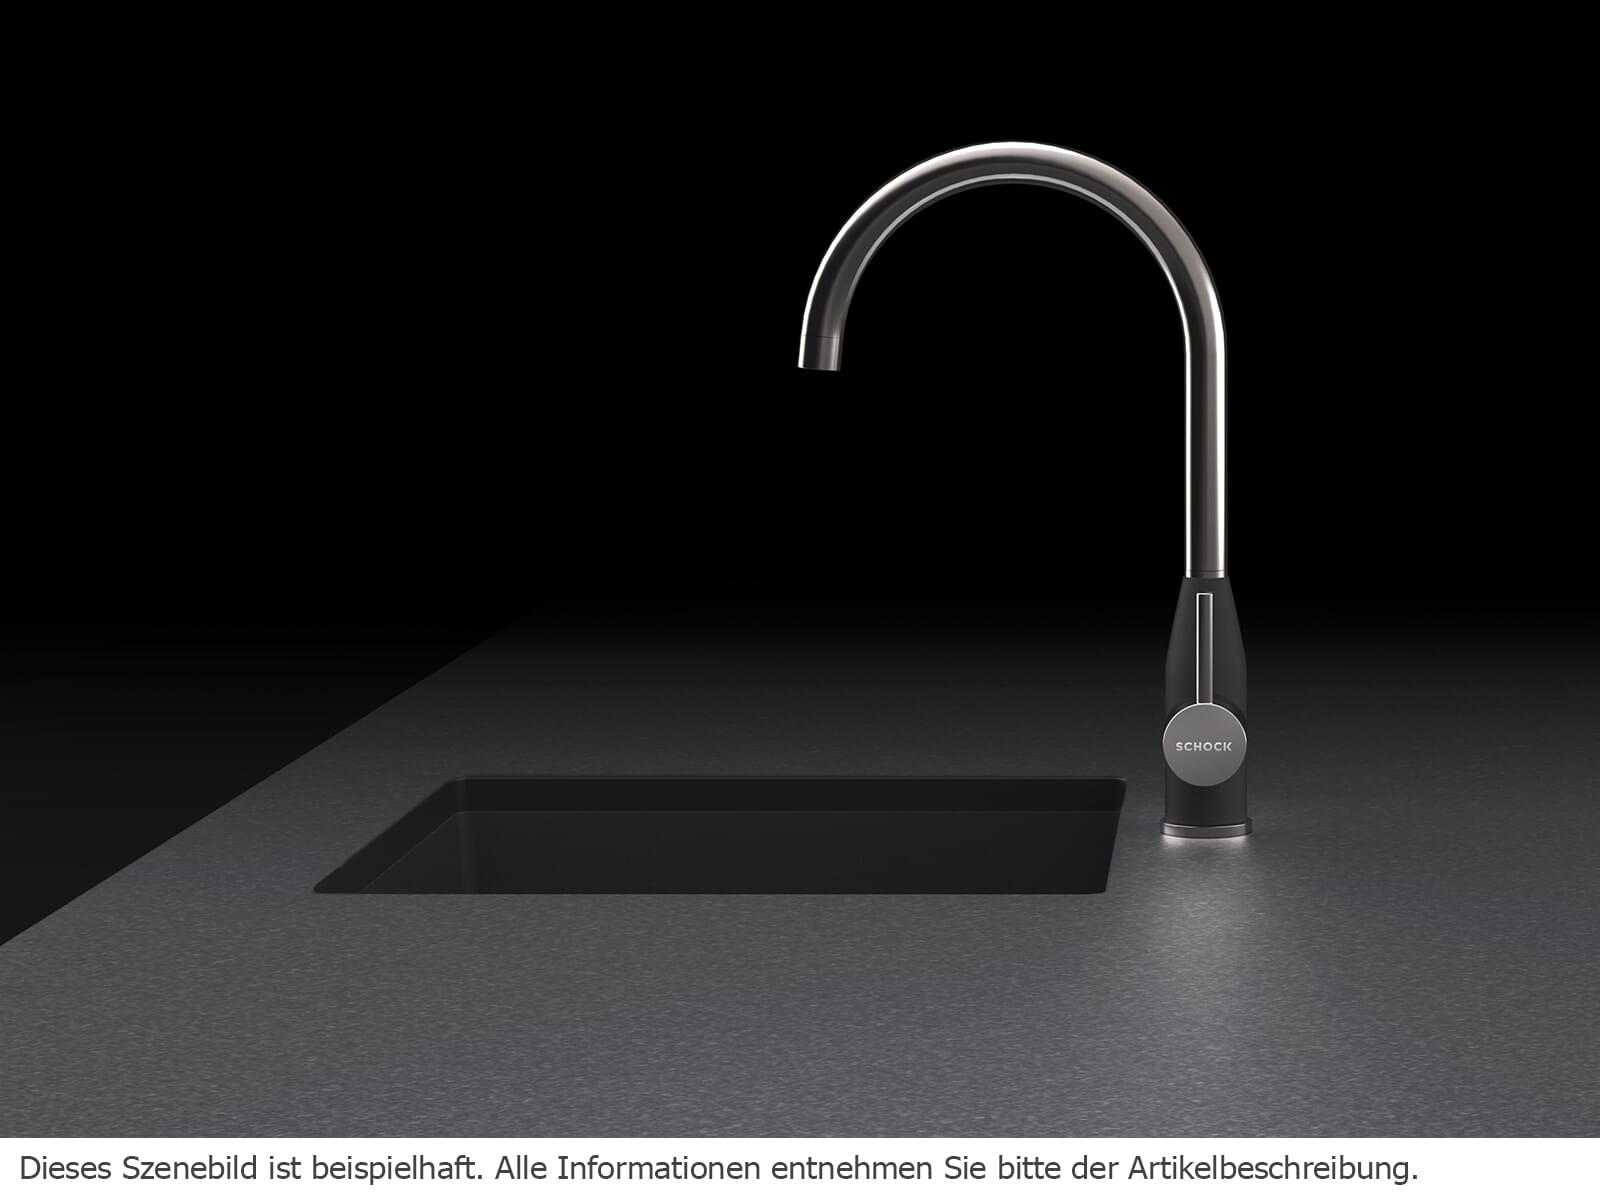 Schock Kavus Edelstahl massiv - 559000EDM Hochdruckarmatur